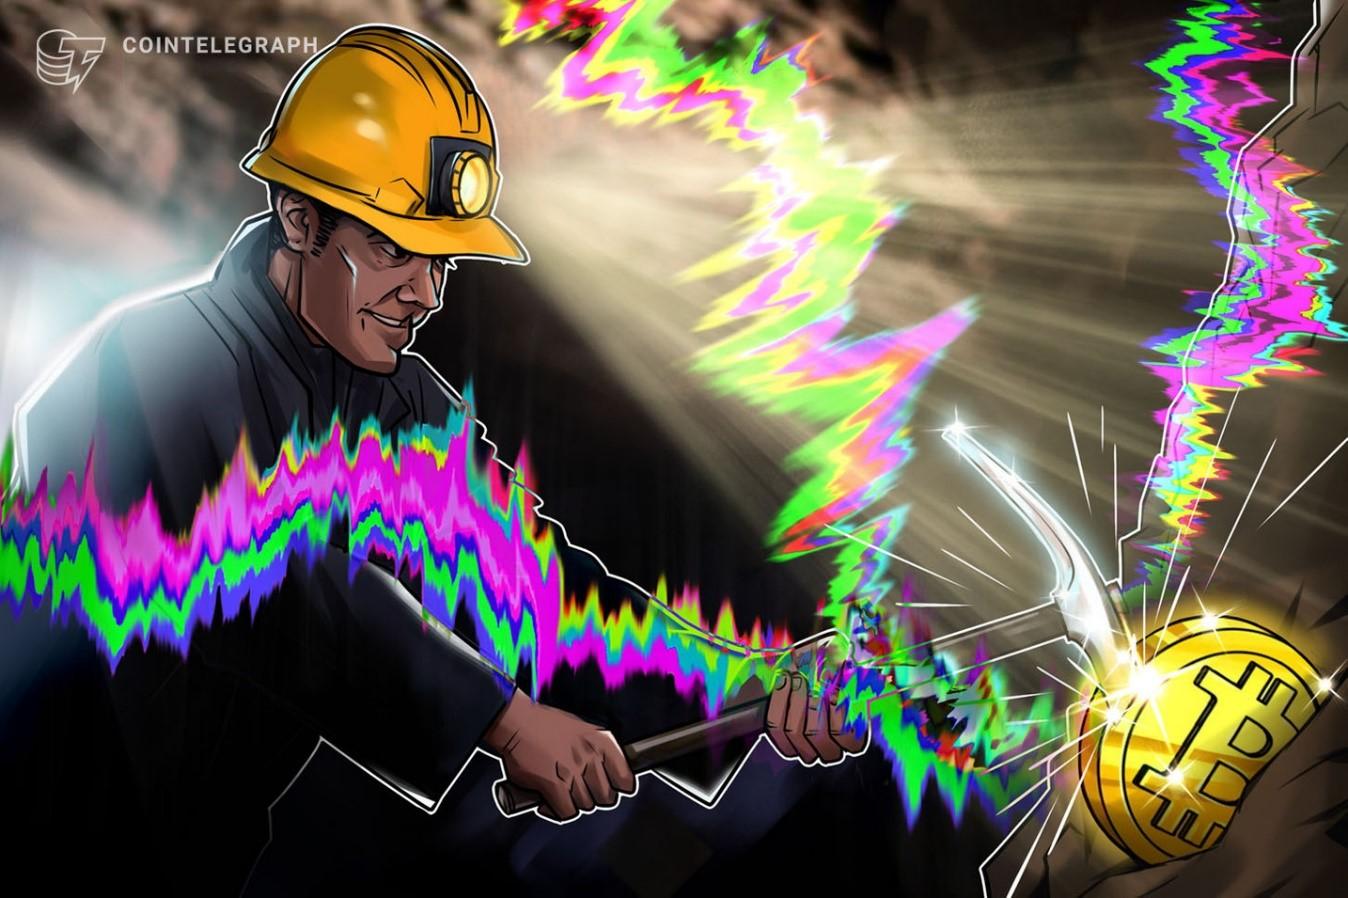 اگر دستگاه استخراج بیت کوین دارید، همین حالا روشن کنید!